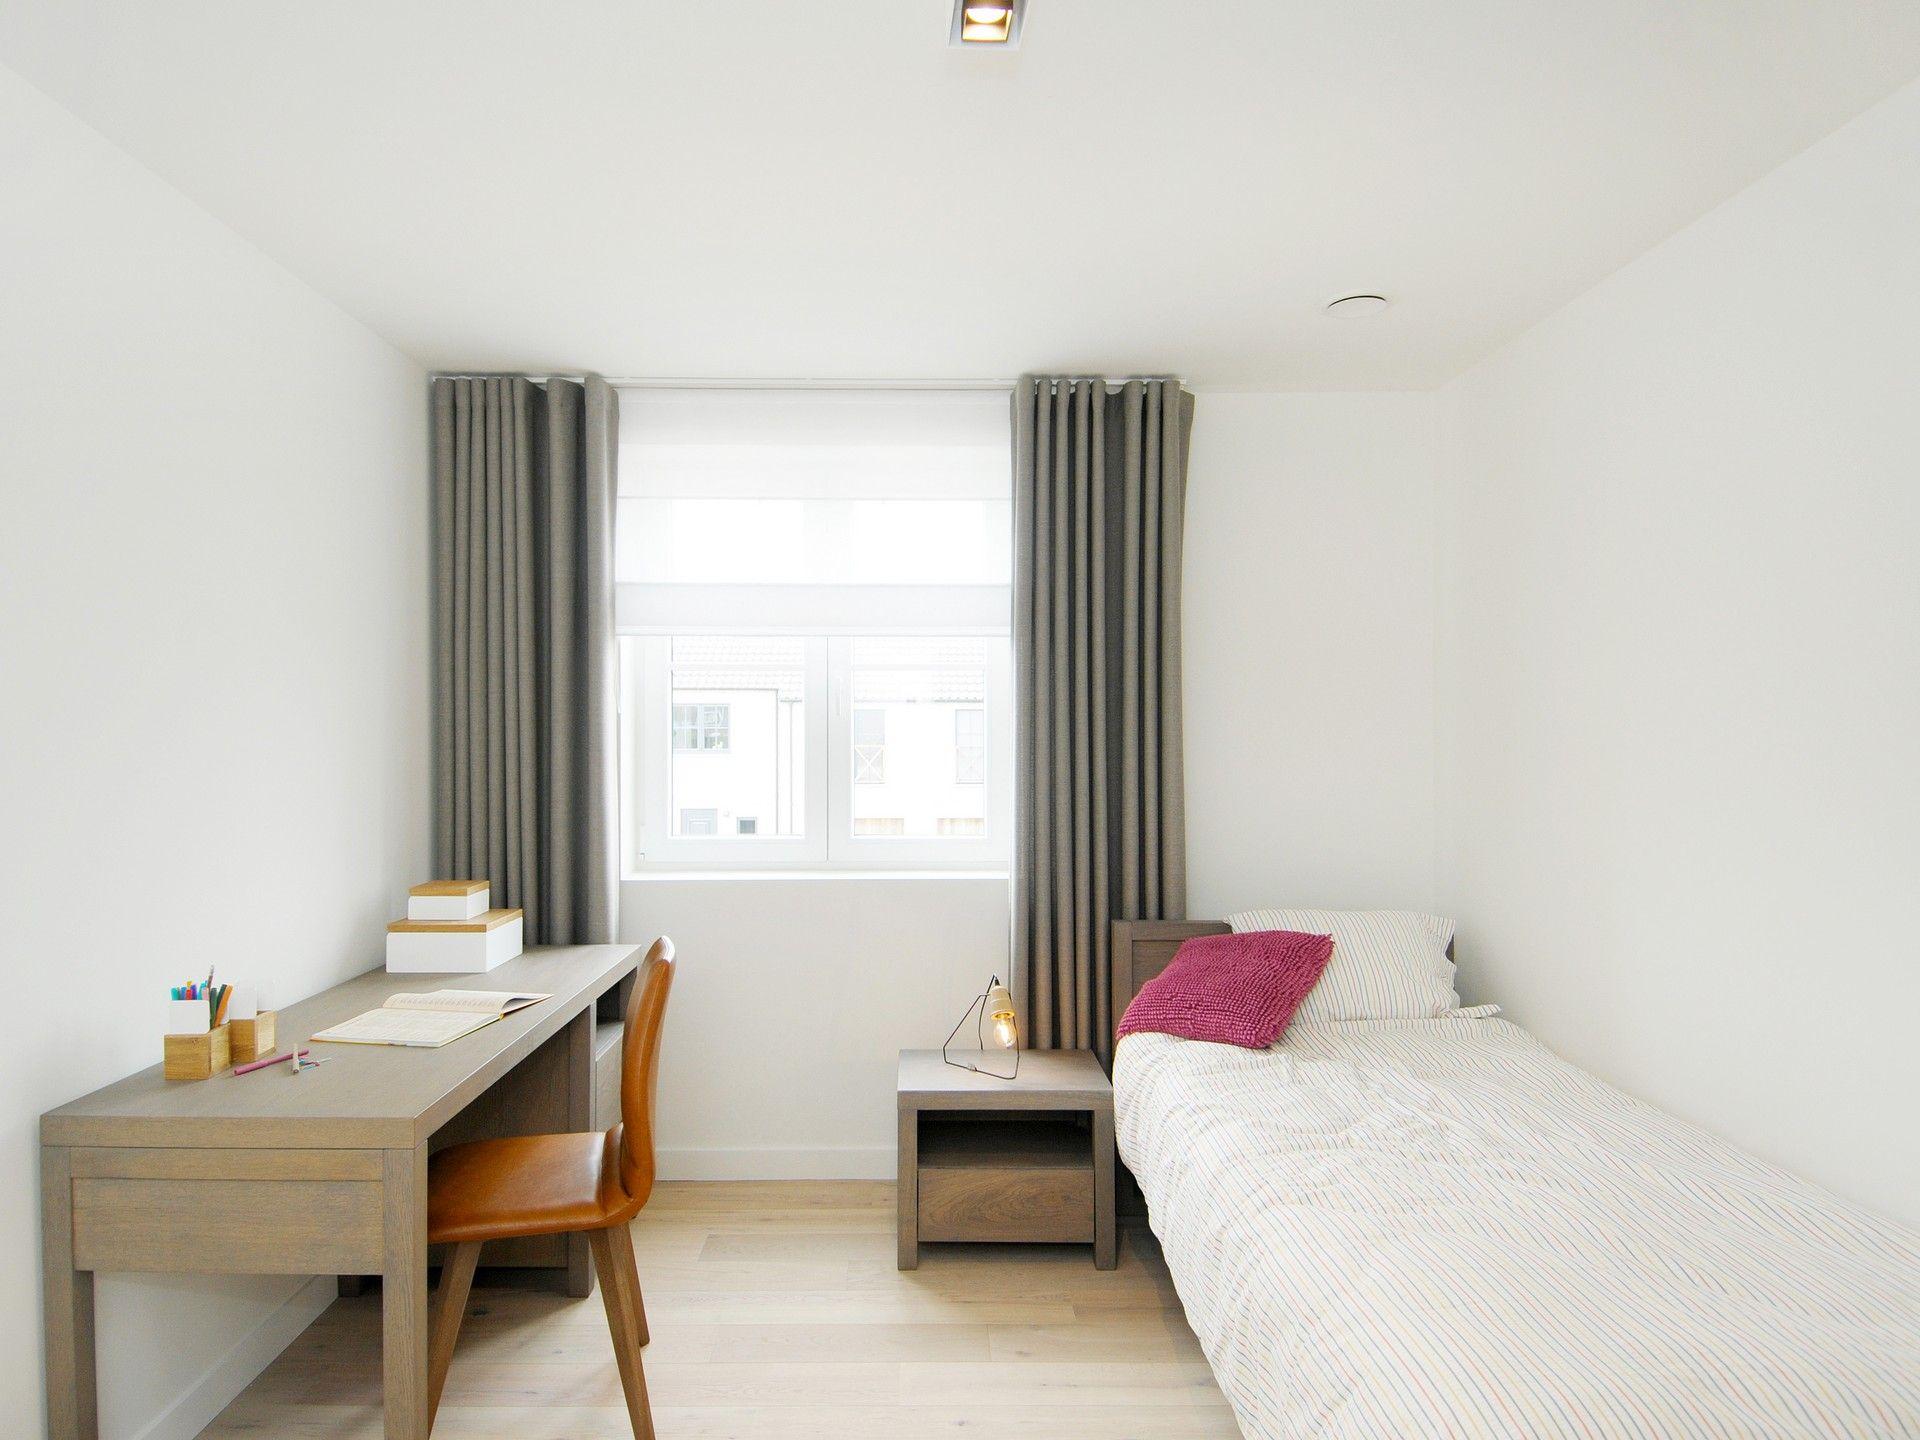 Kijkwoning dilbeek slaapkamer realisaties inspiratie